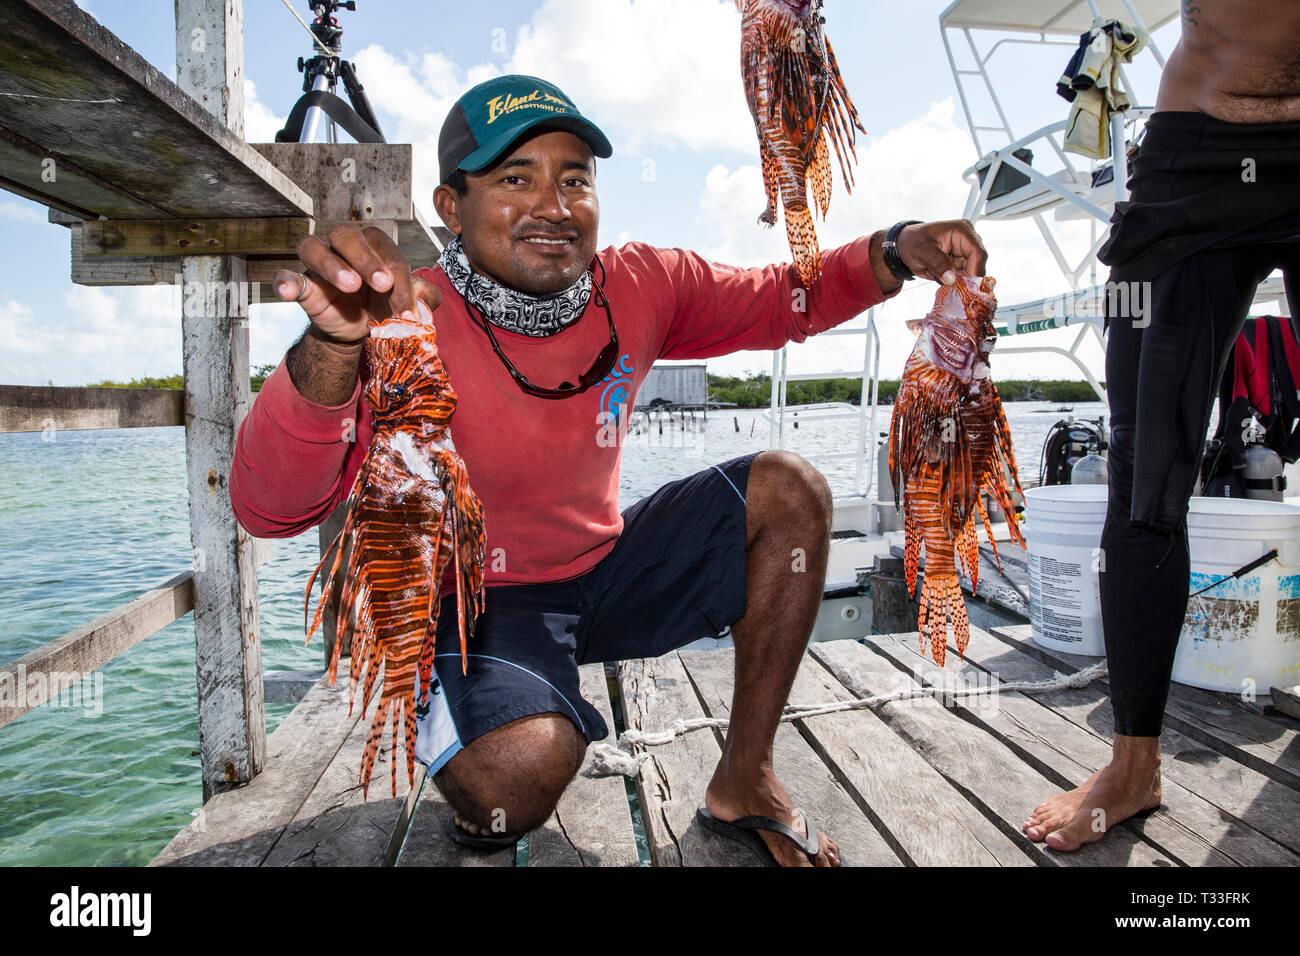 Invasive Feuerfische gefangen die Krokodile zu füttern, Pterois volitans, Banco Chinchorro, Karibik, Mexiko Stockbild